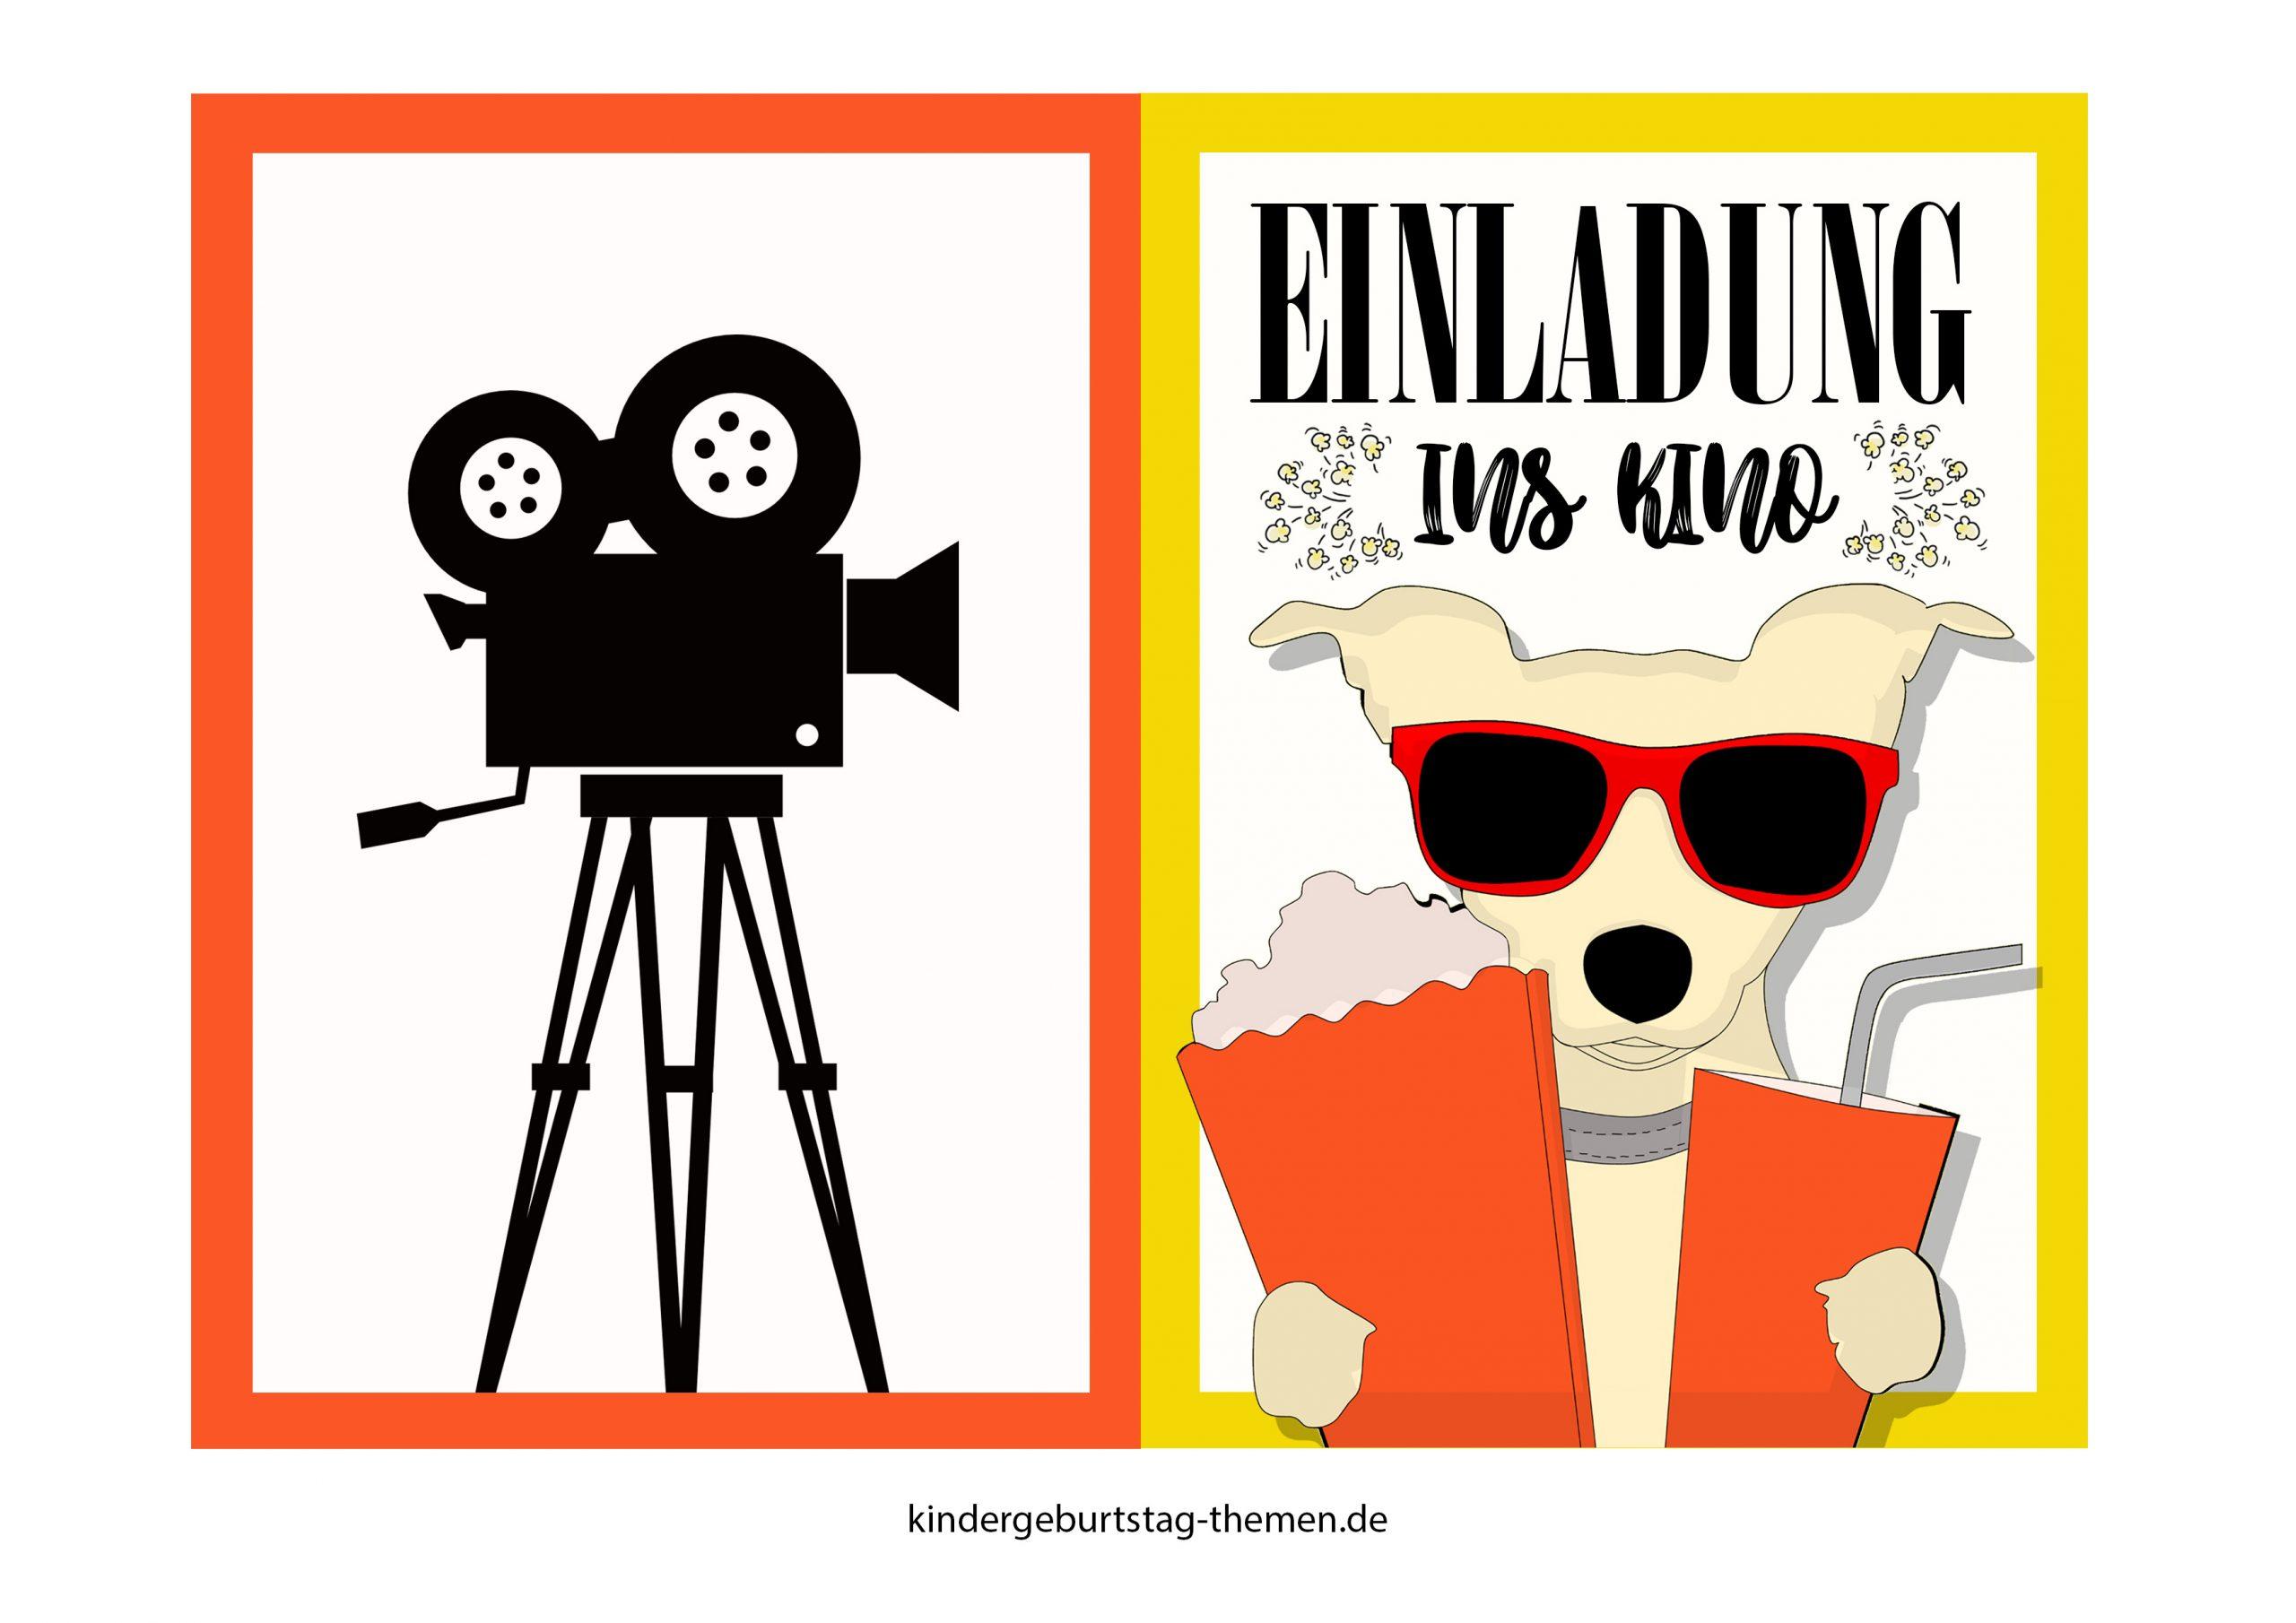 Kino Einladung: Druckvorlage Für Popcorn Karte Und Filmklappe bei Filmklappe Einladung Vorlage Kostenlos